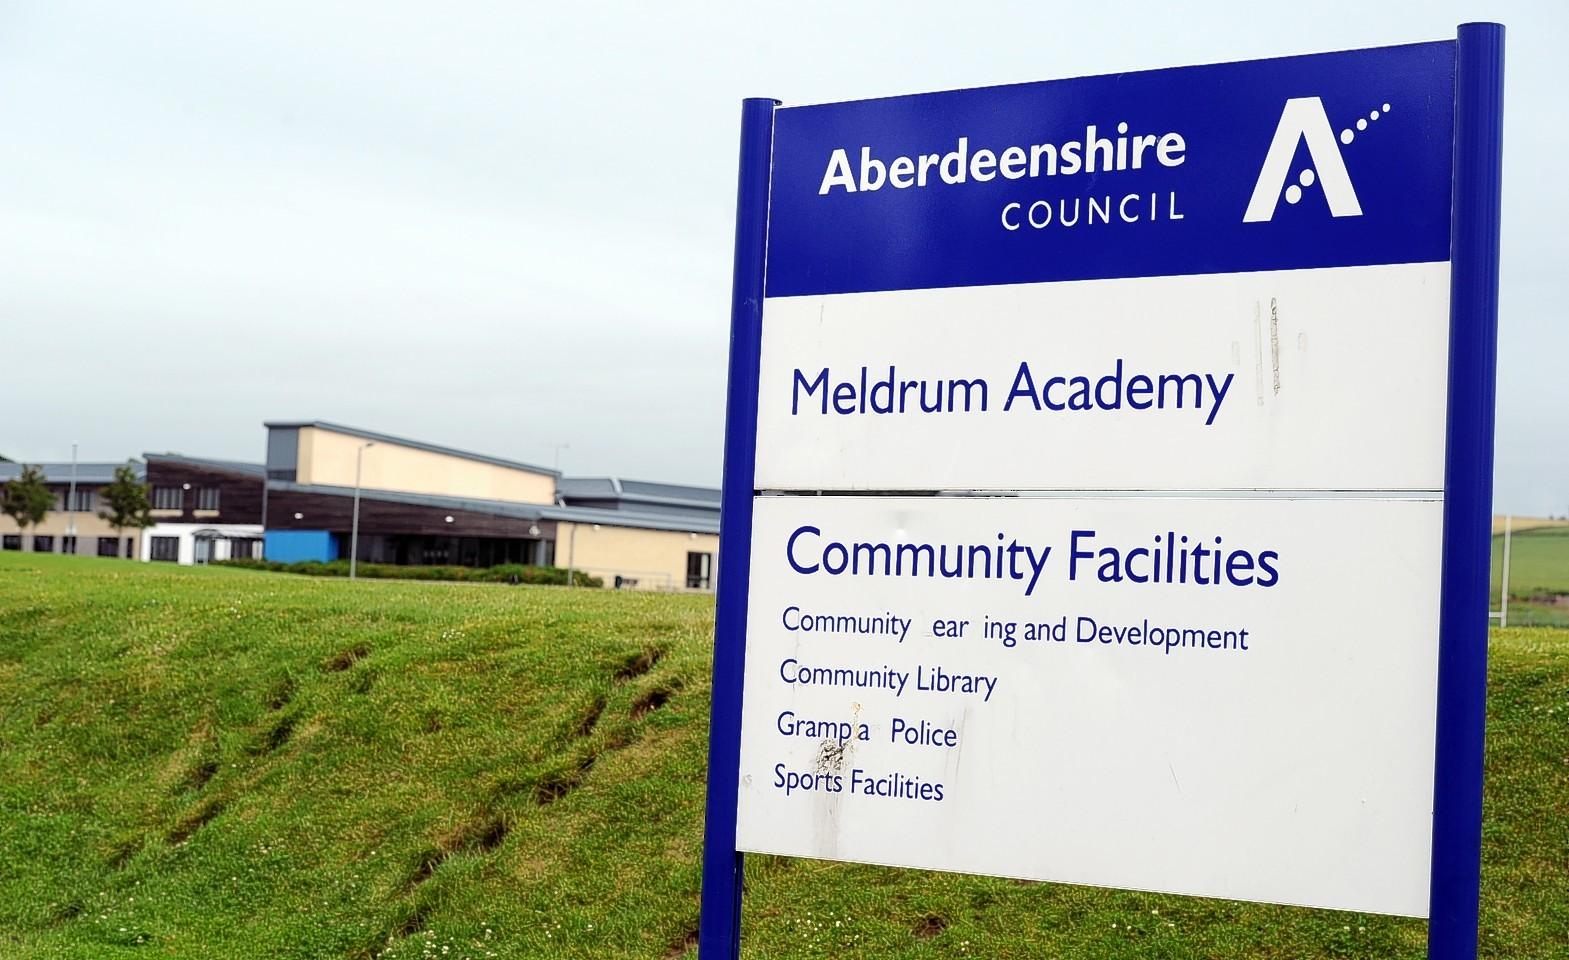 Meldrum Academy